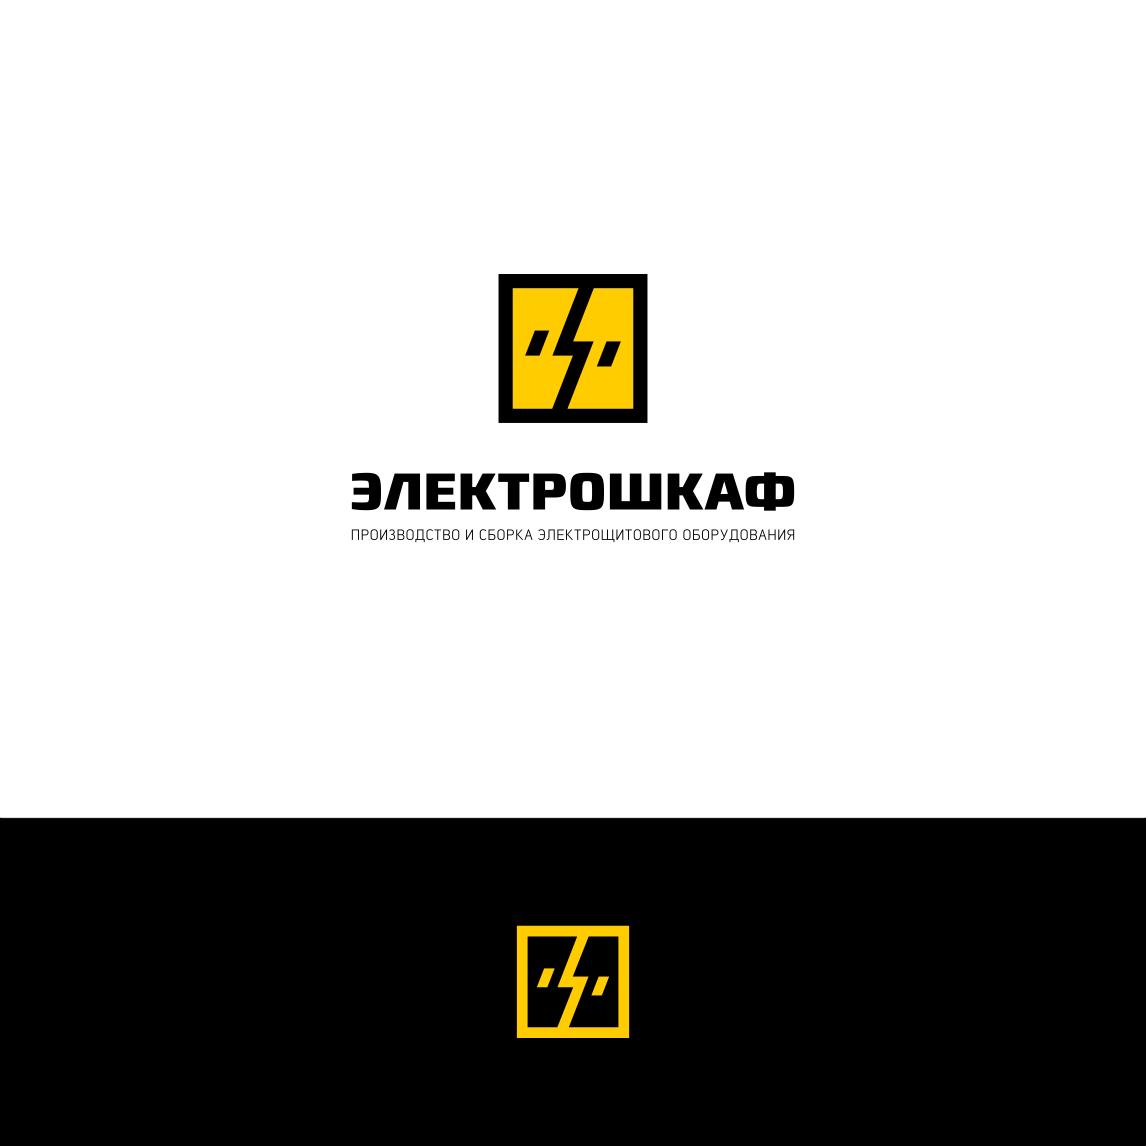 Разработать логотип для завода по производству электрощитов фото f_5385b6d581225643.jpg